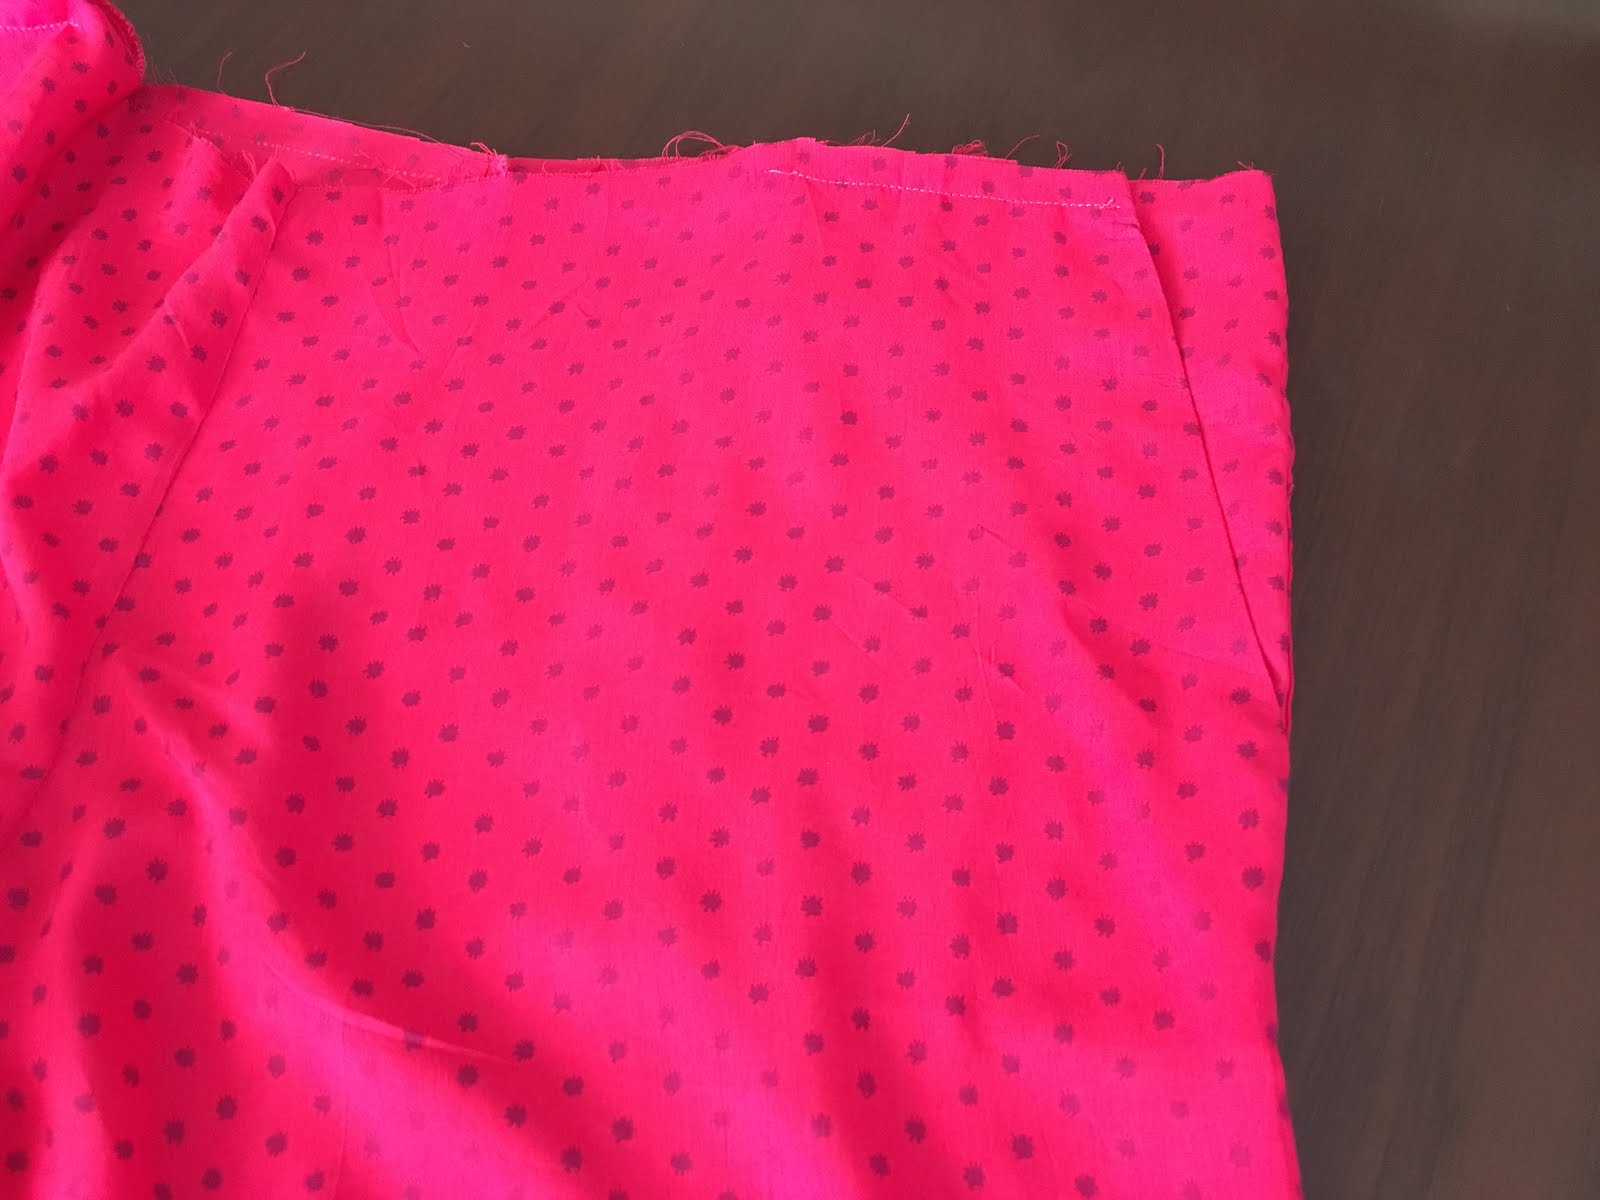 Pantolon cebi dikimi tüm ayrıntıları ile